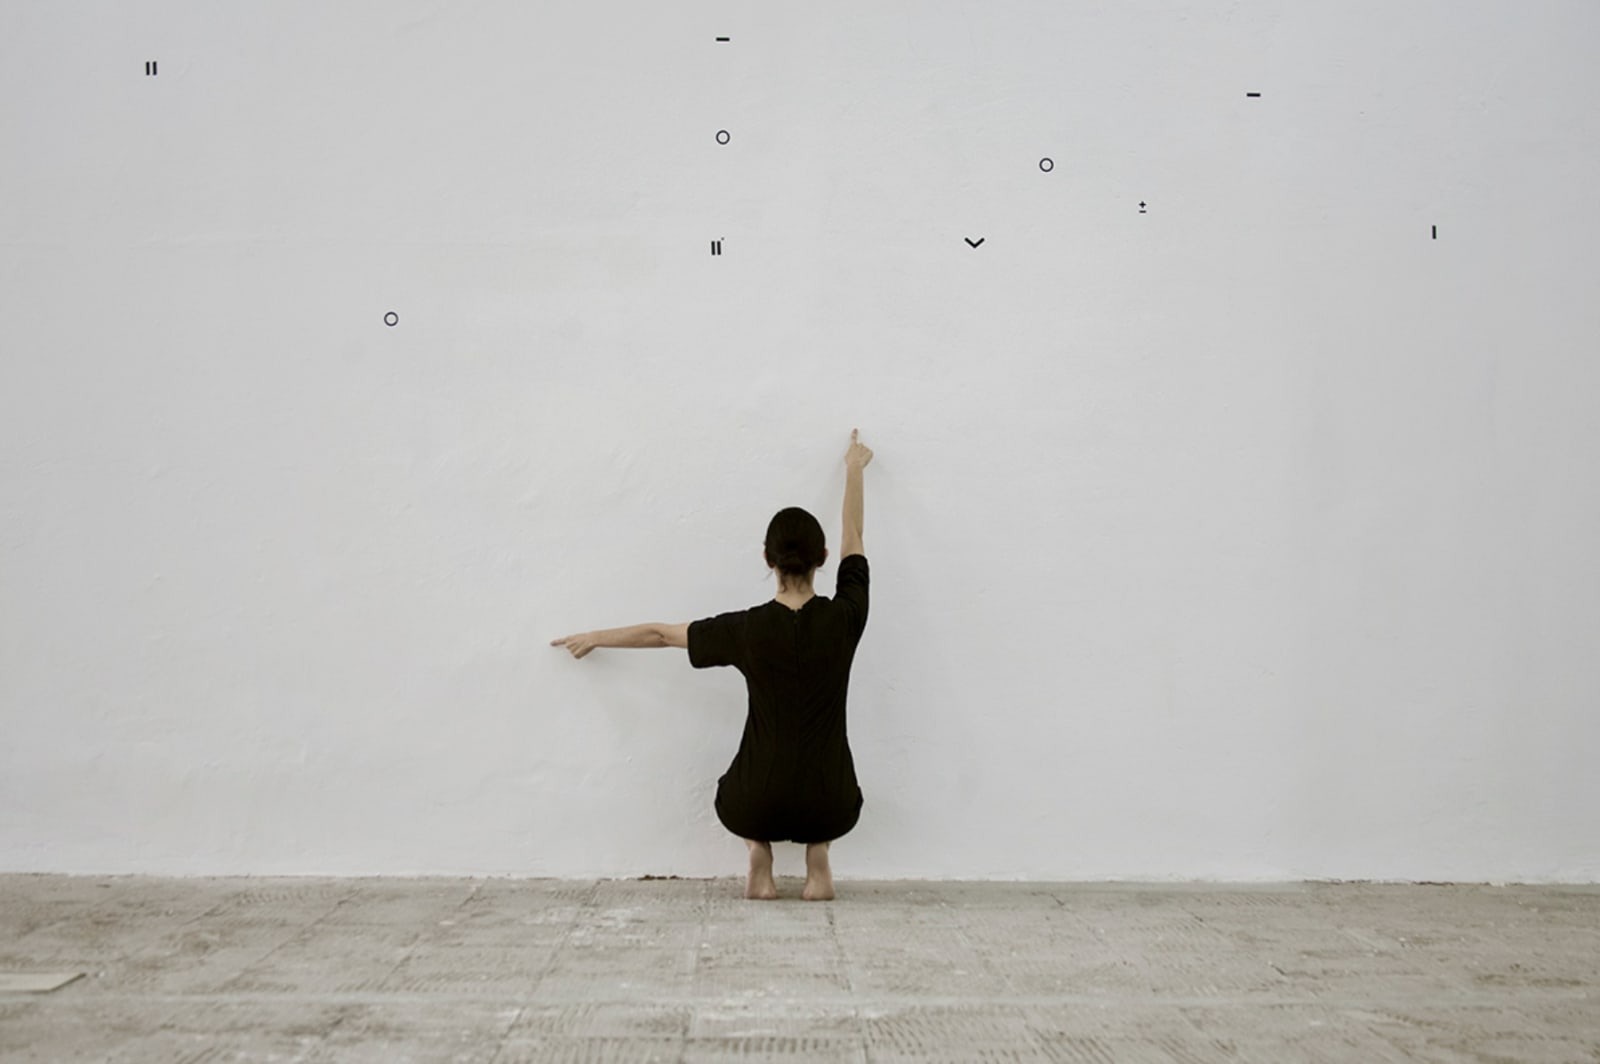 Maria Noujaim, Palindrome, 2018 performed at Galeria Jaqueline Martins, São Paulo, 2018